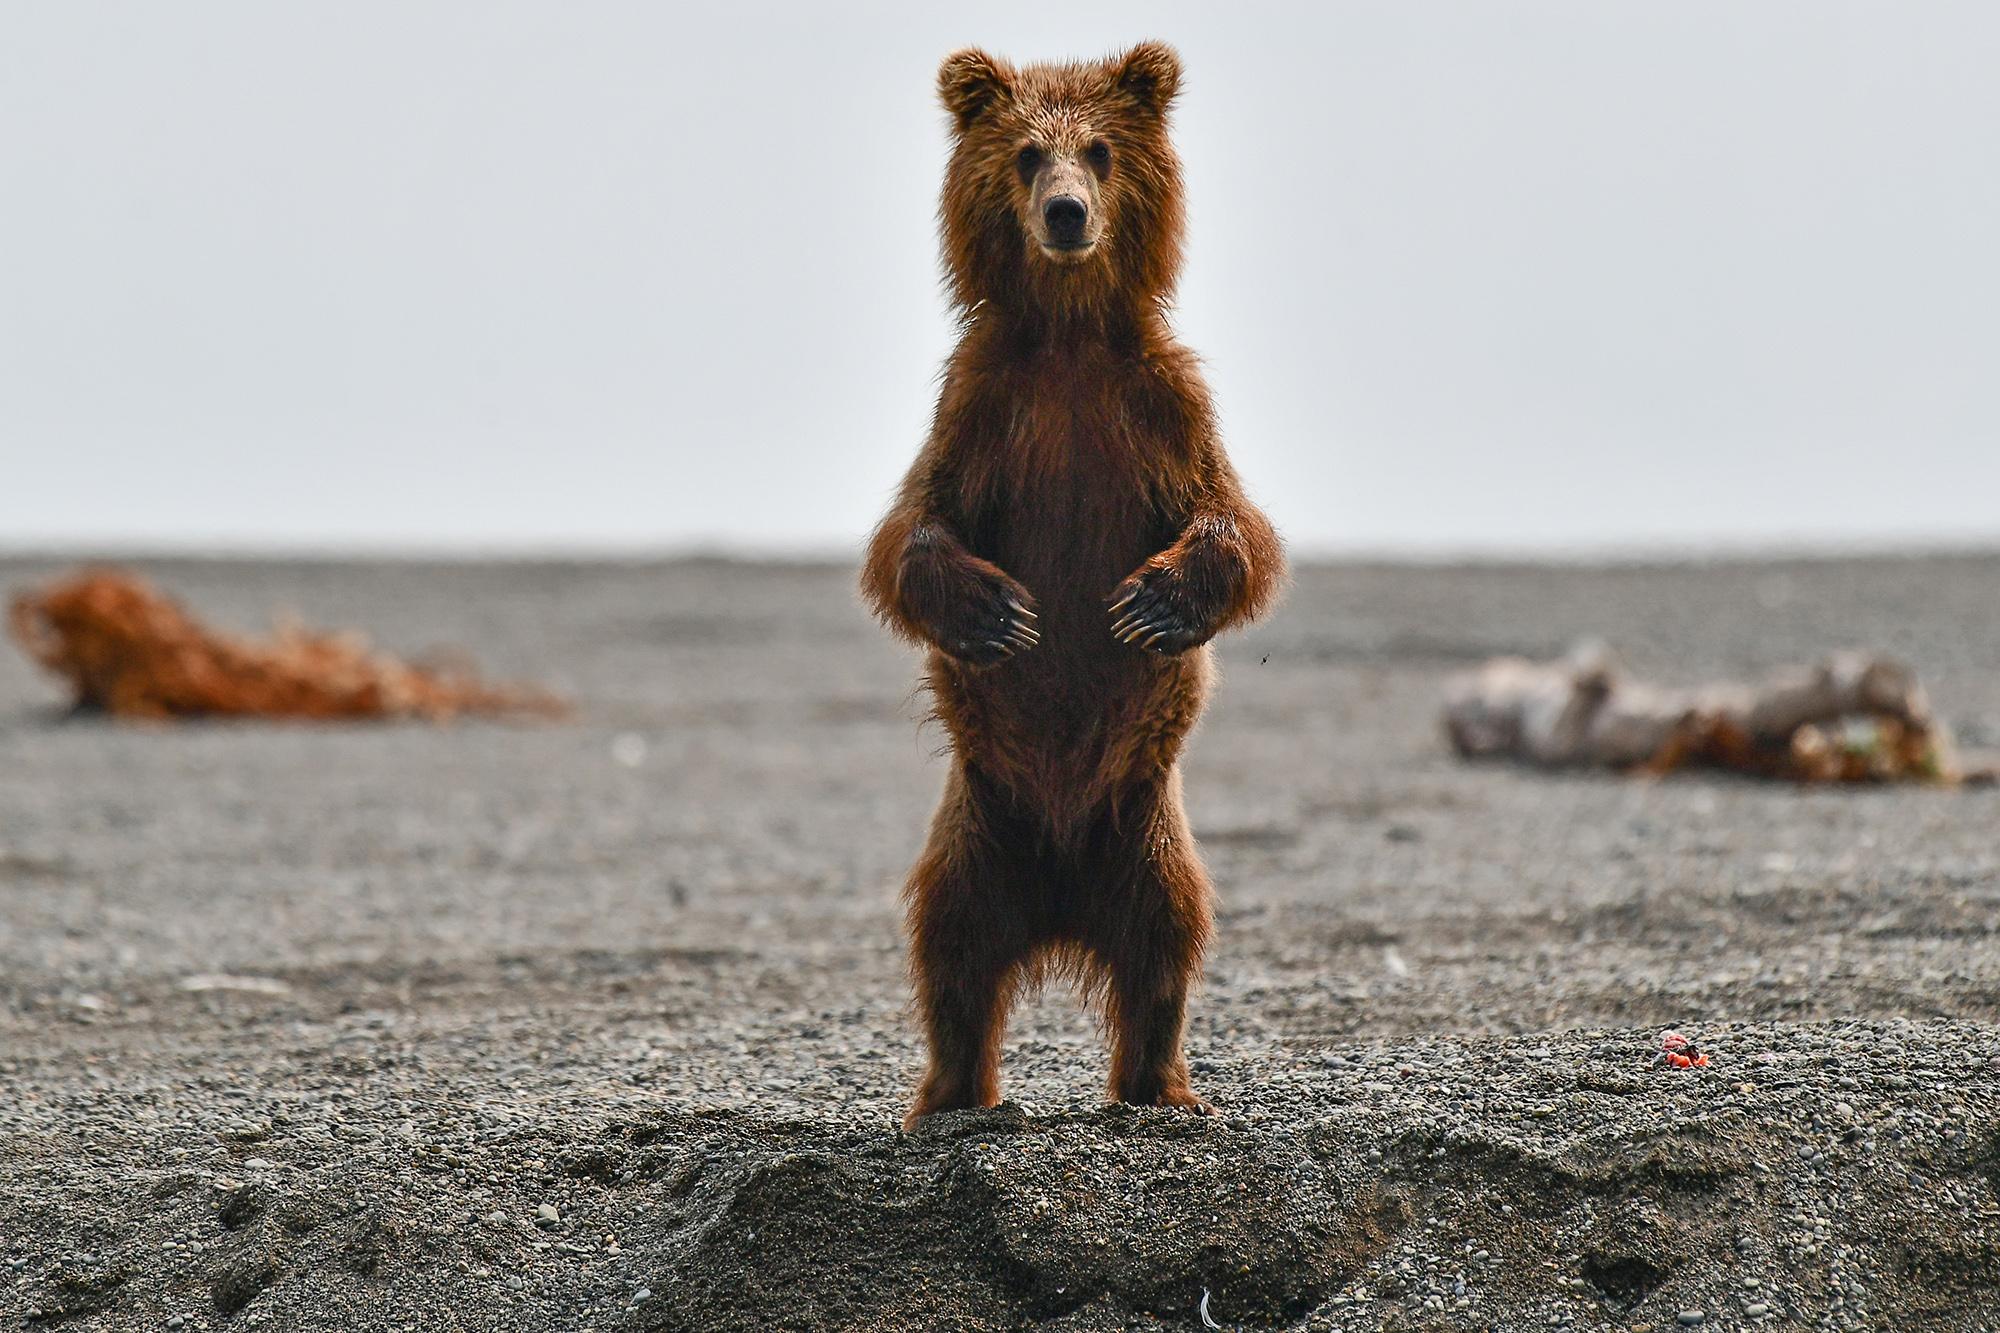 Камчатский край. Бурый медведь наберегу реки Хайлюли насеверо-востоке полуострова Камчатка.